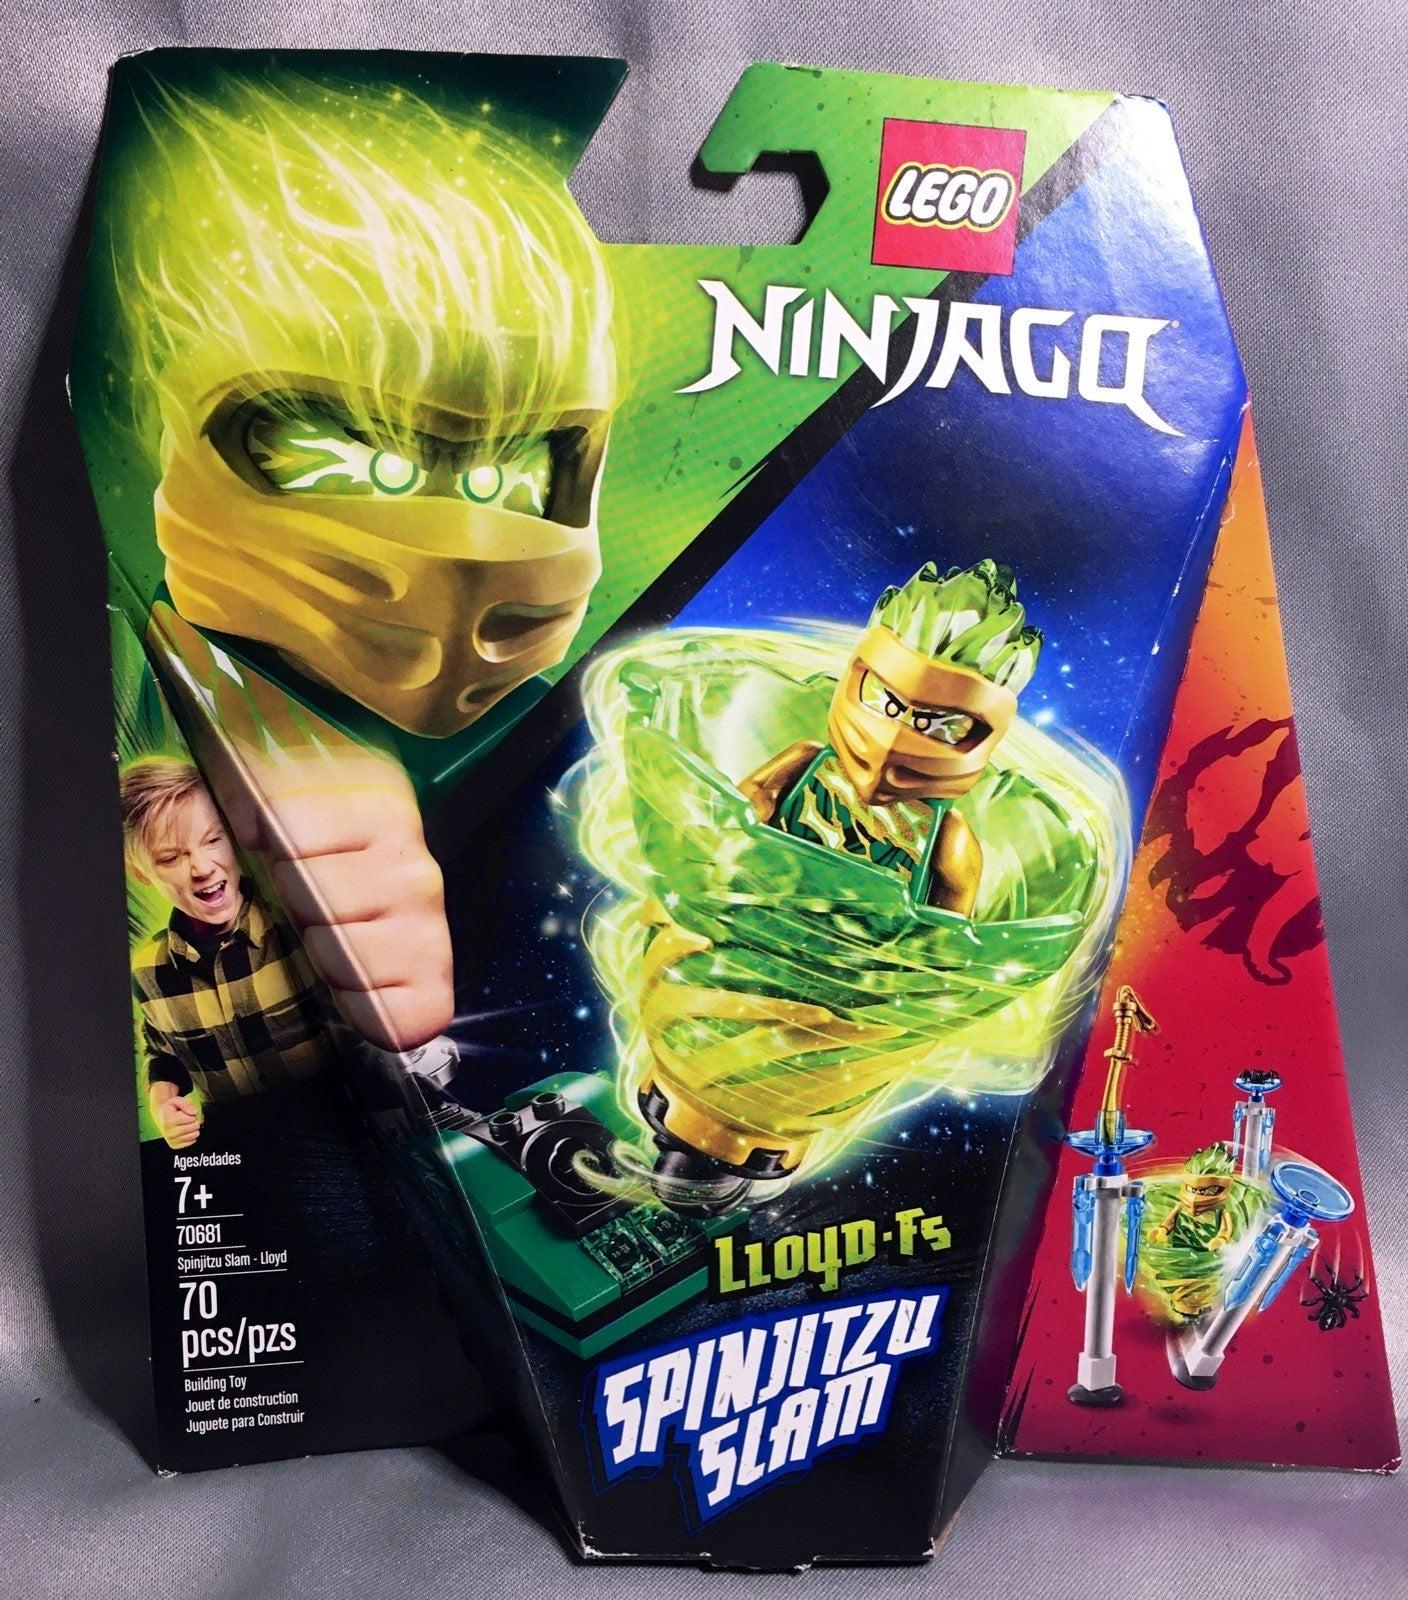 LEGO NINJAGO:  Spinjitzu Slam - Lloyd